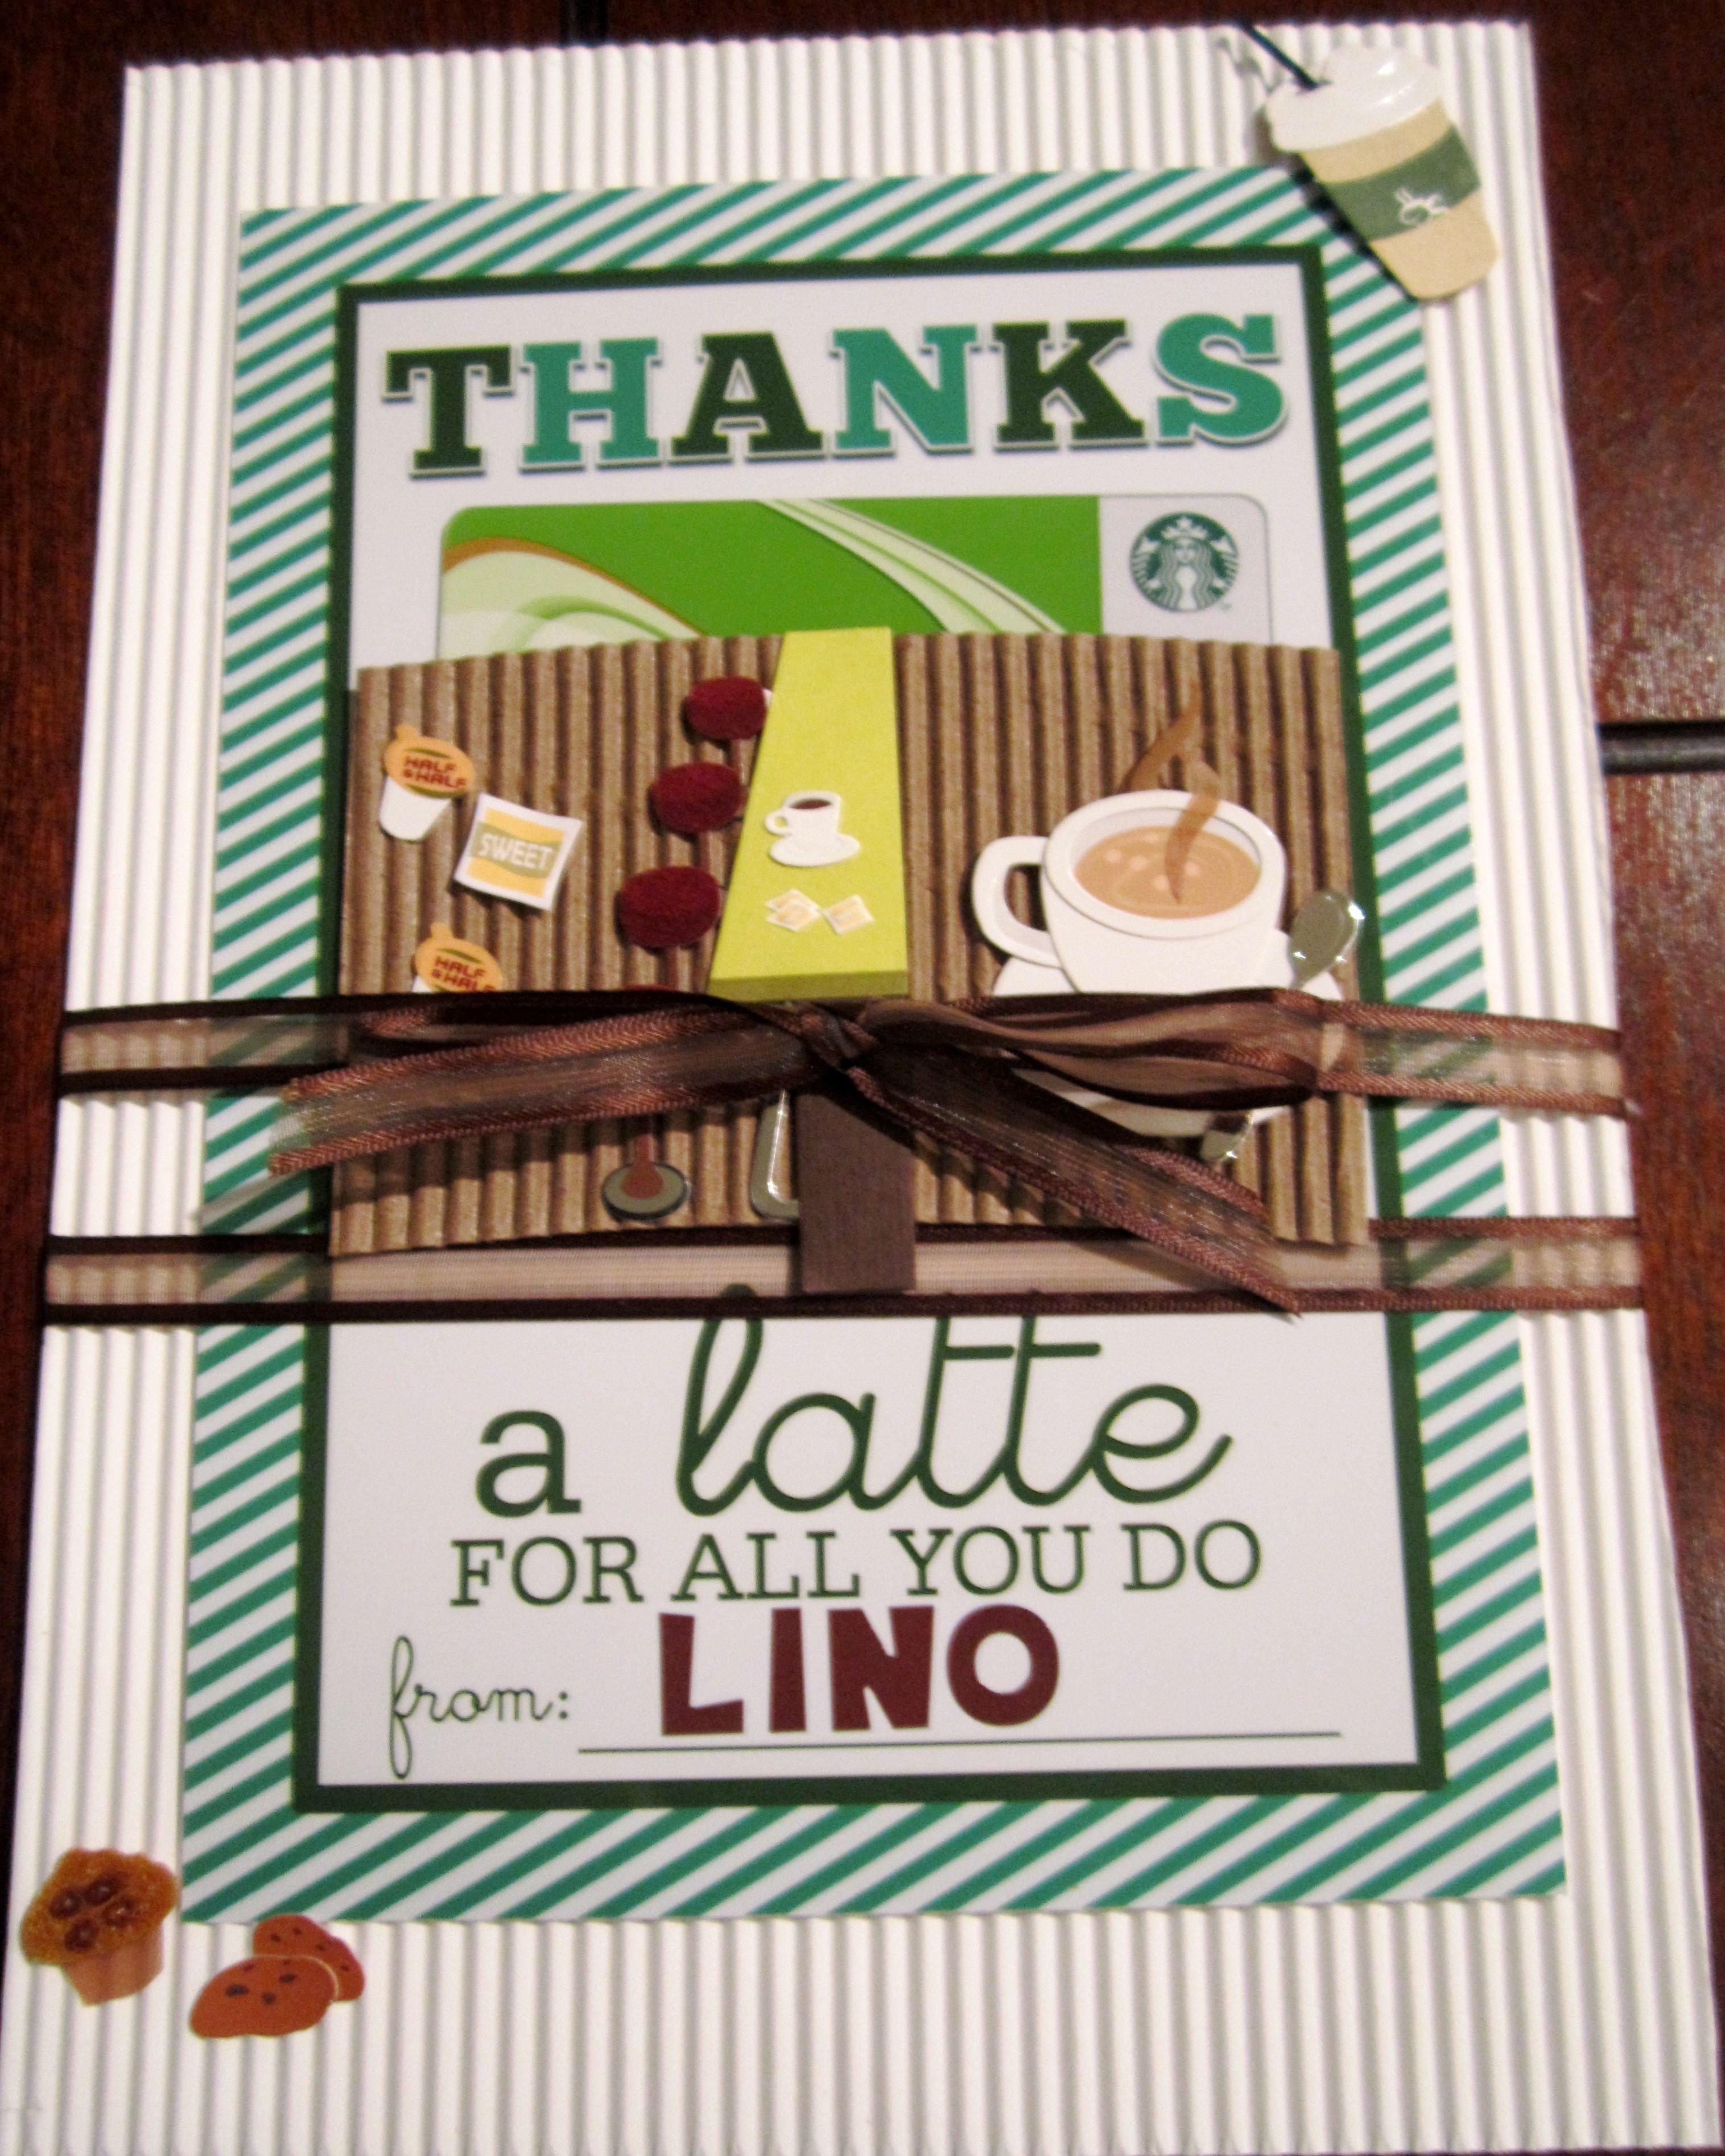 10 Gorgeous Thanksgiving Gift Ideas For Teachers linos gift for his preschool teacher for thanksgiving 2020